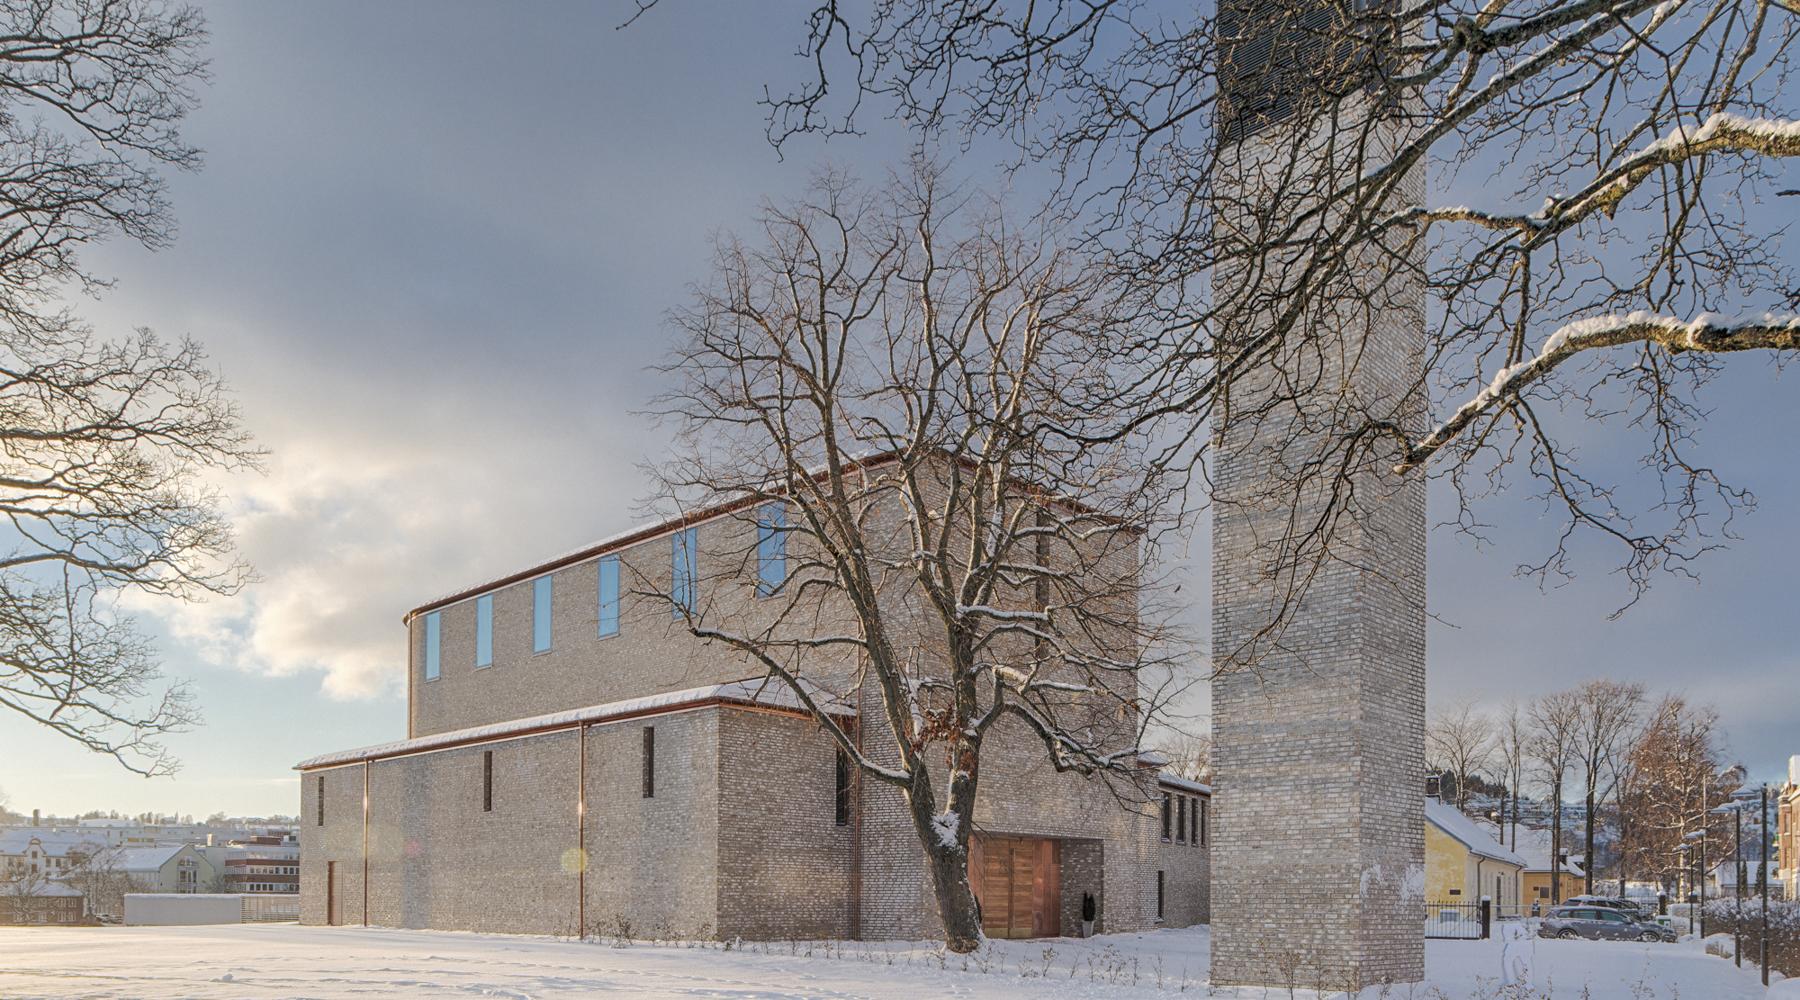 Risultato immagini per st olav katolske kirke trondheim